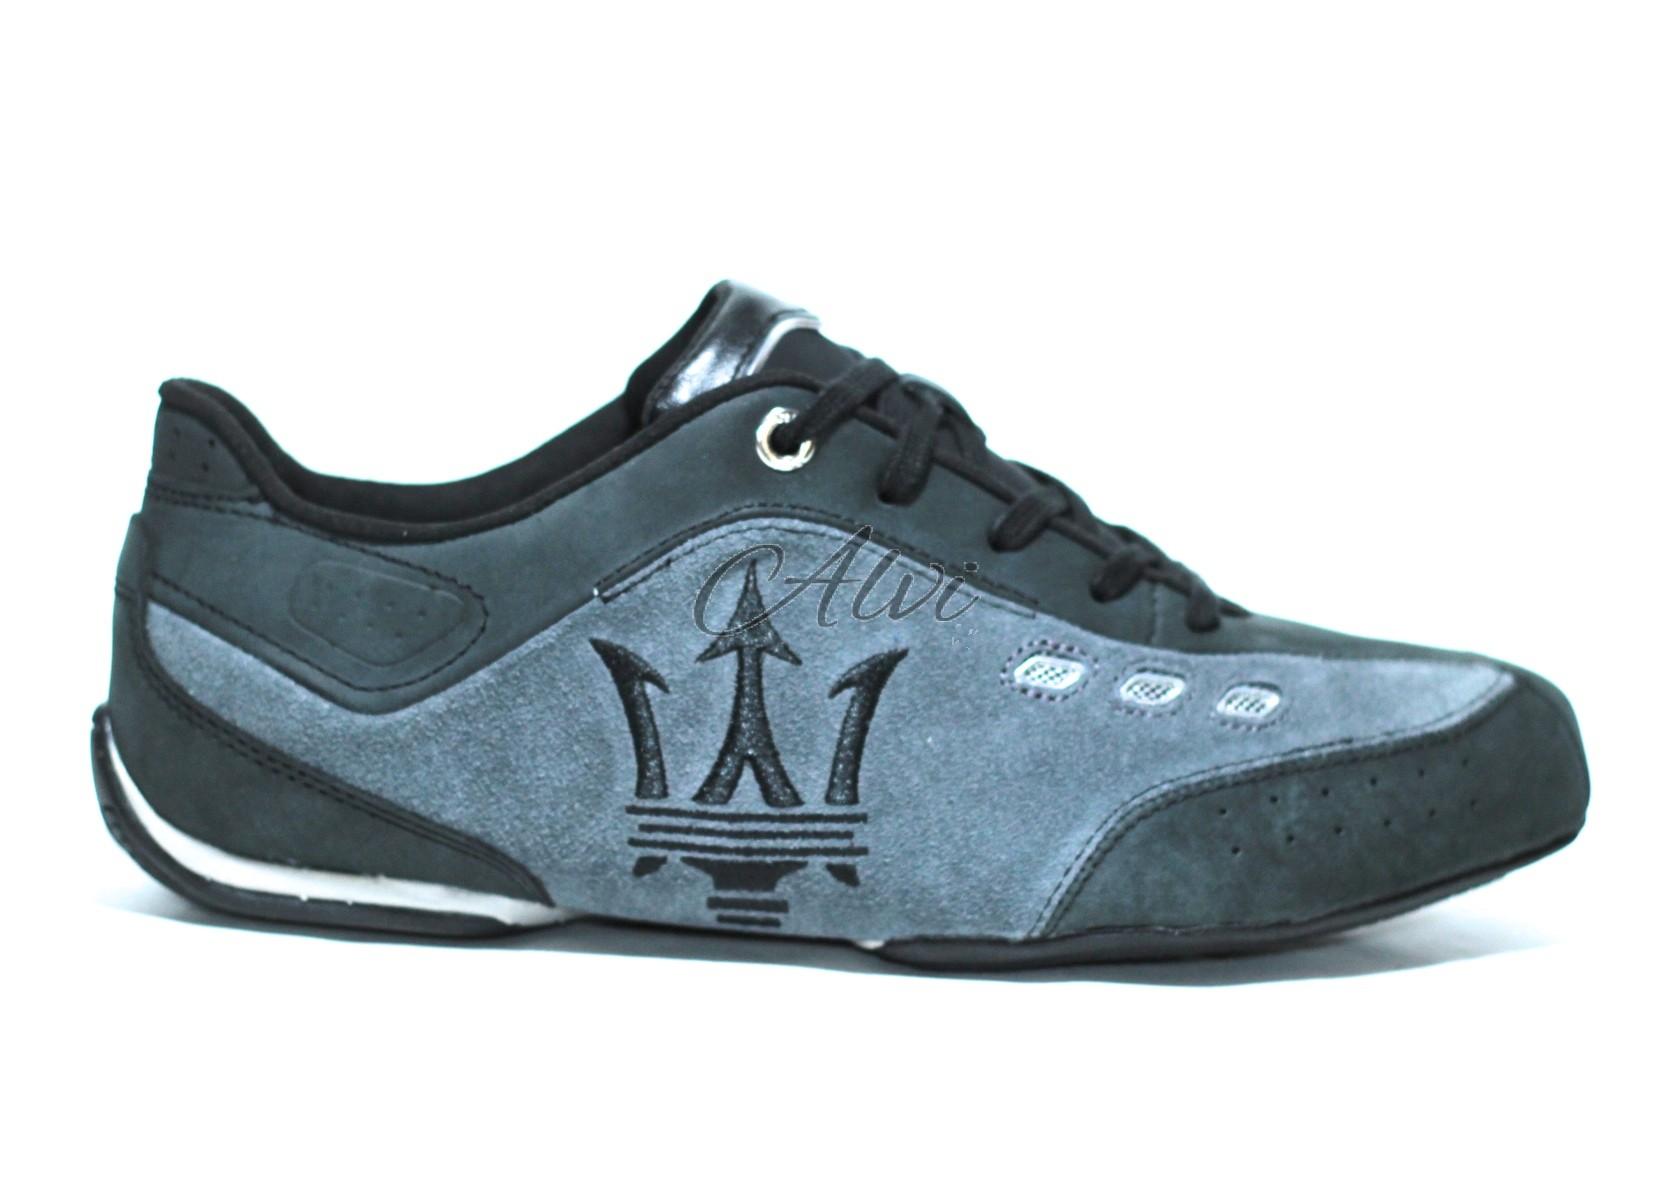 outlet personalizzate ottima vestibilità scarpe maserati e